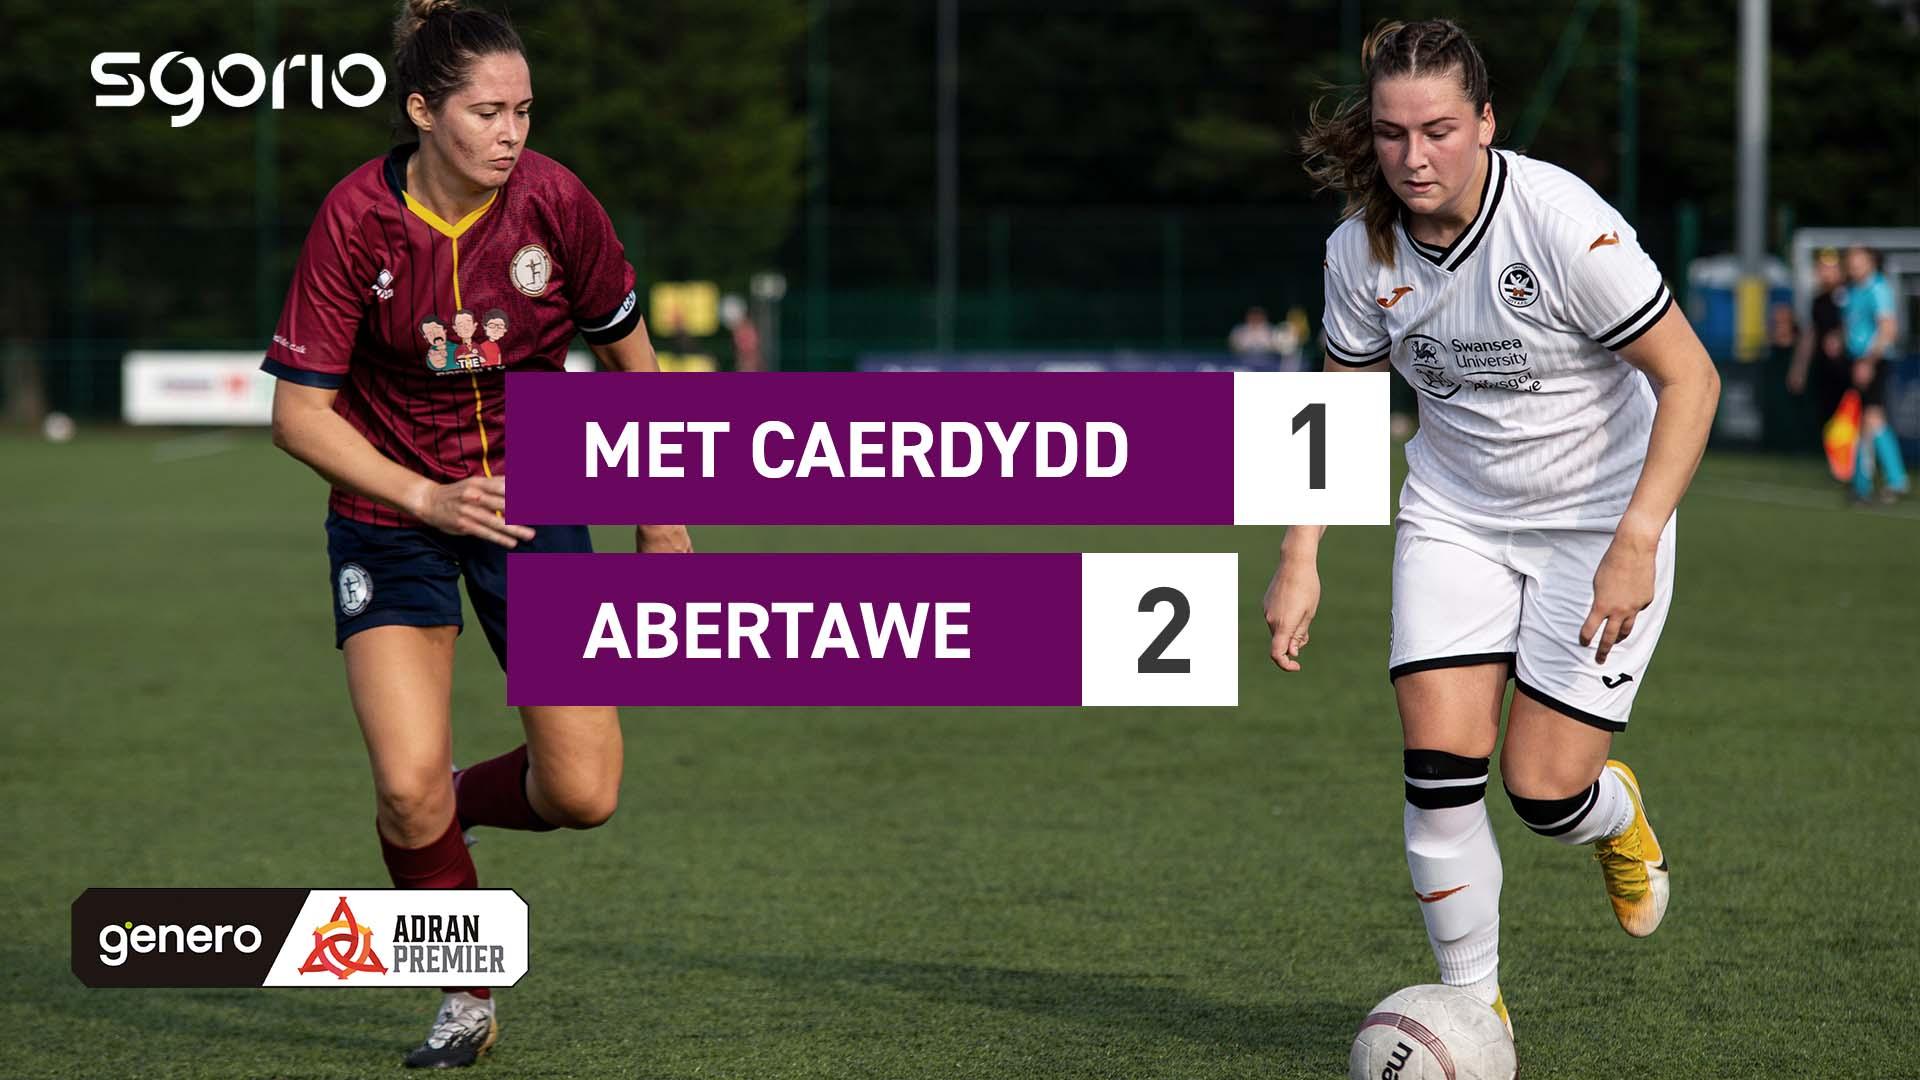 Met Caerdydd 1-2 Abertawe